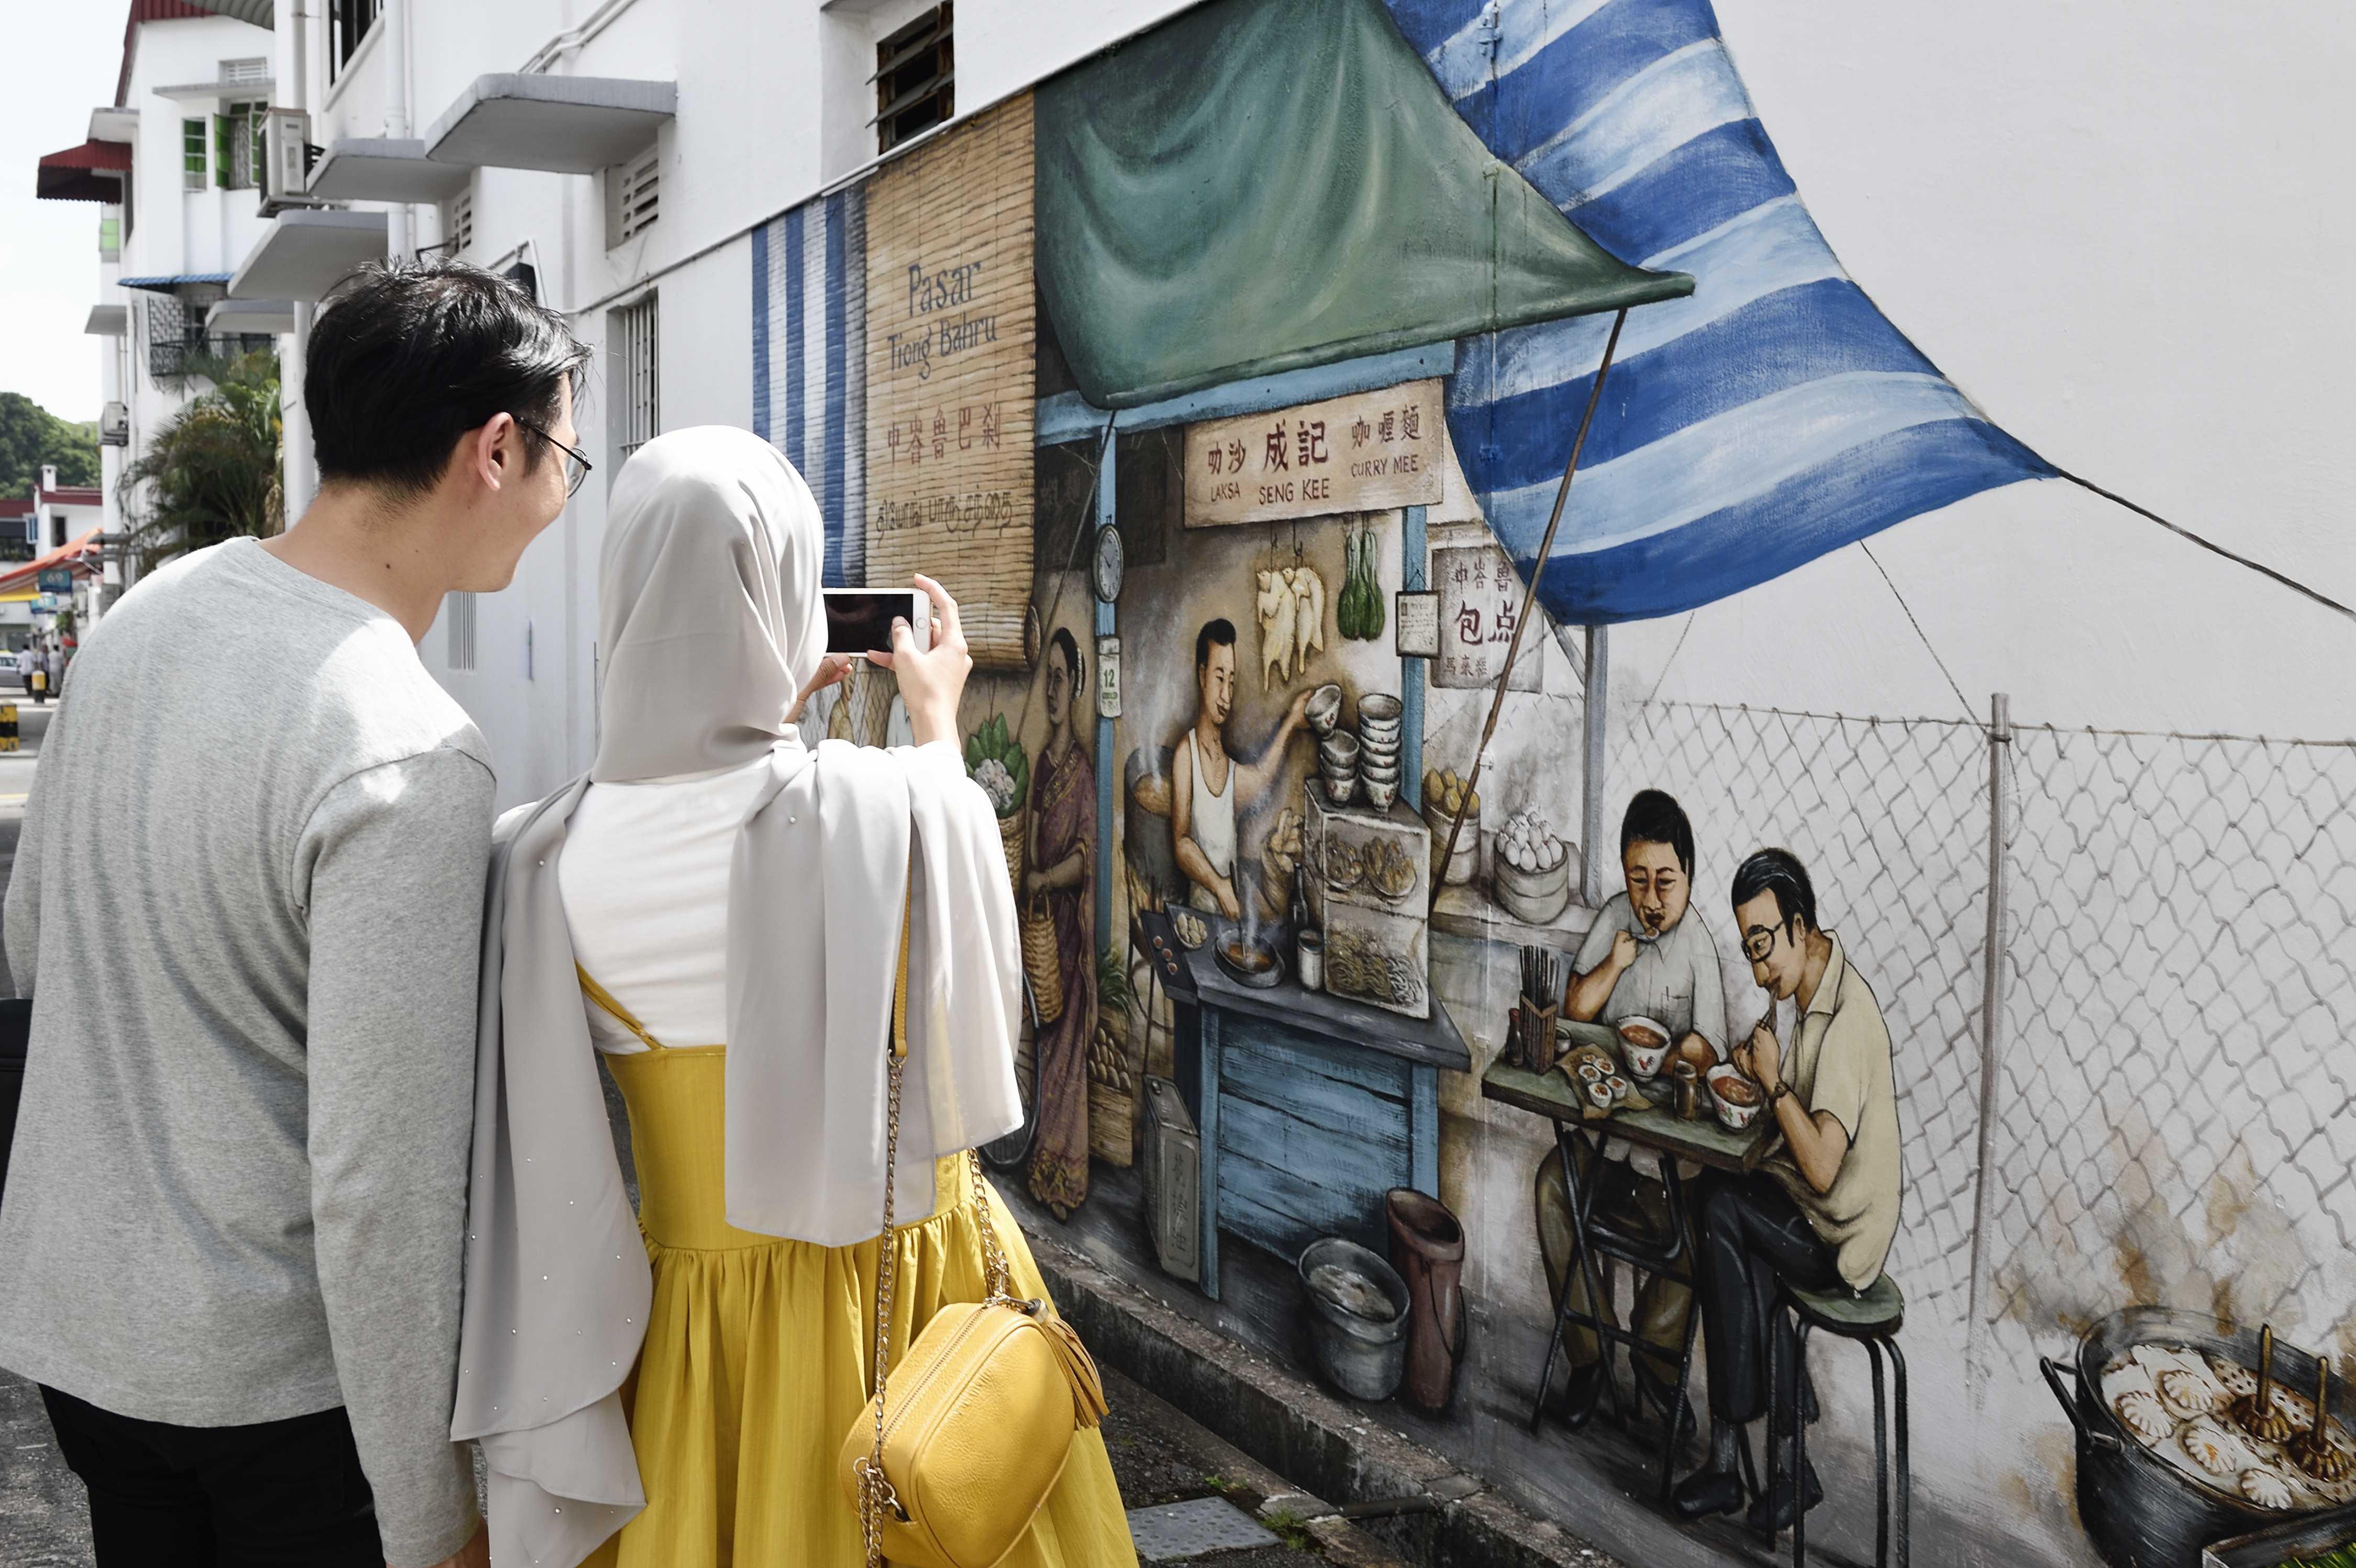 Murals in Tiong Bahru